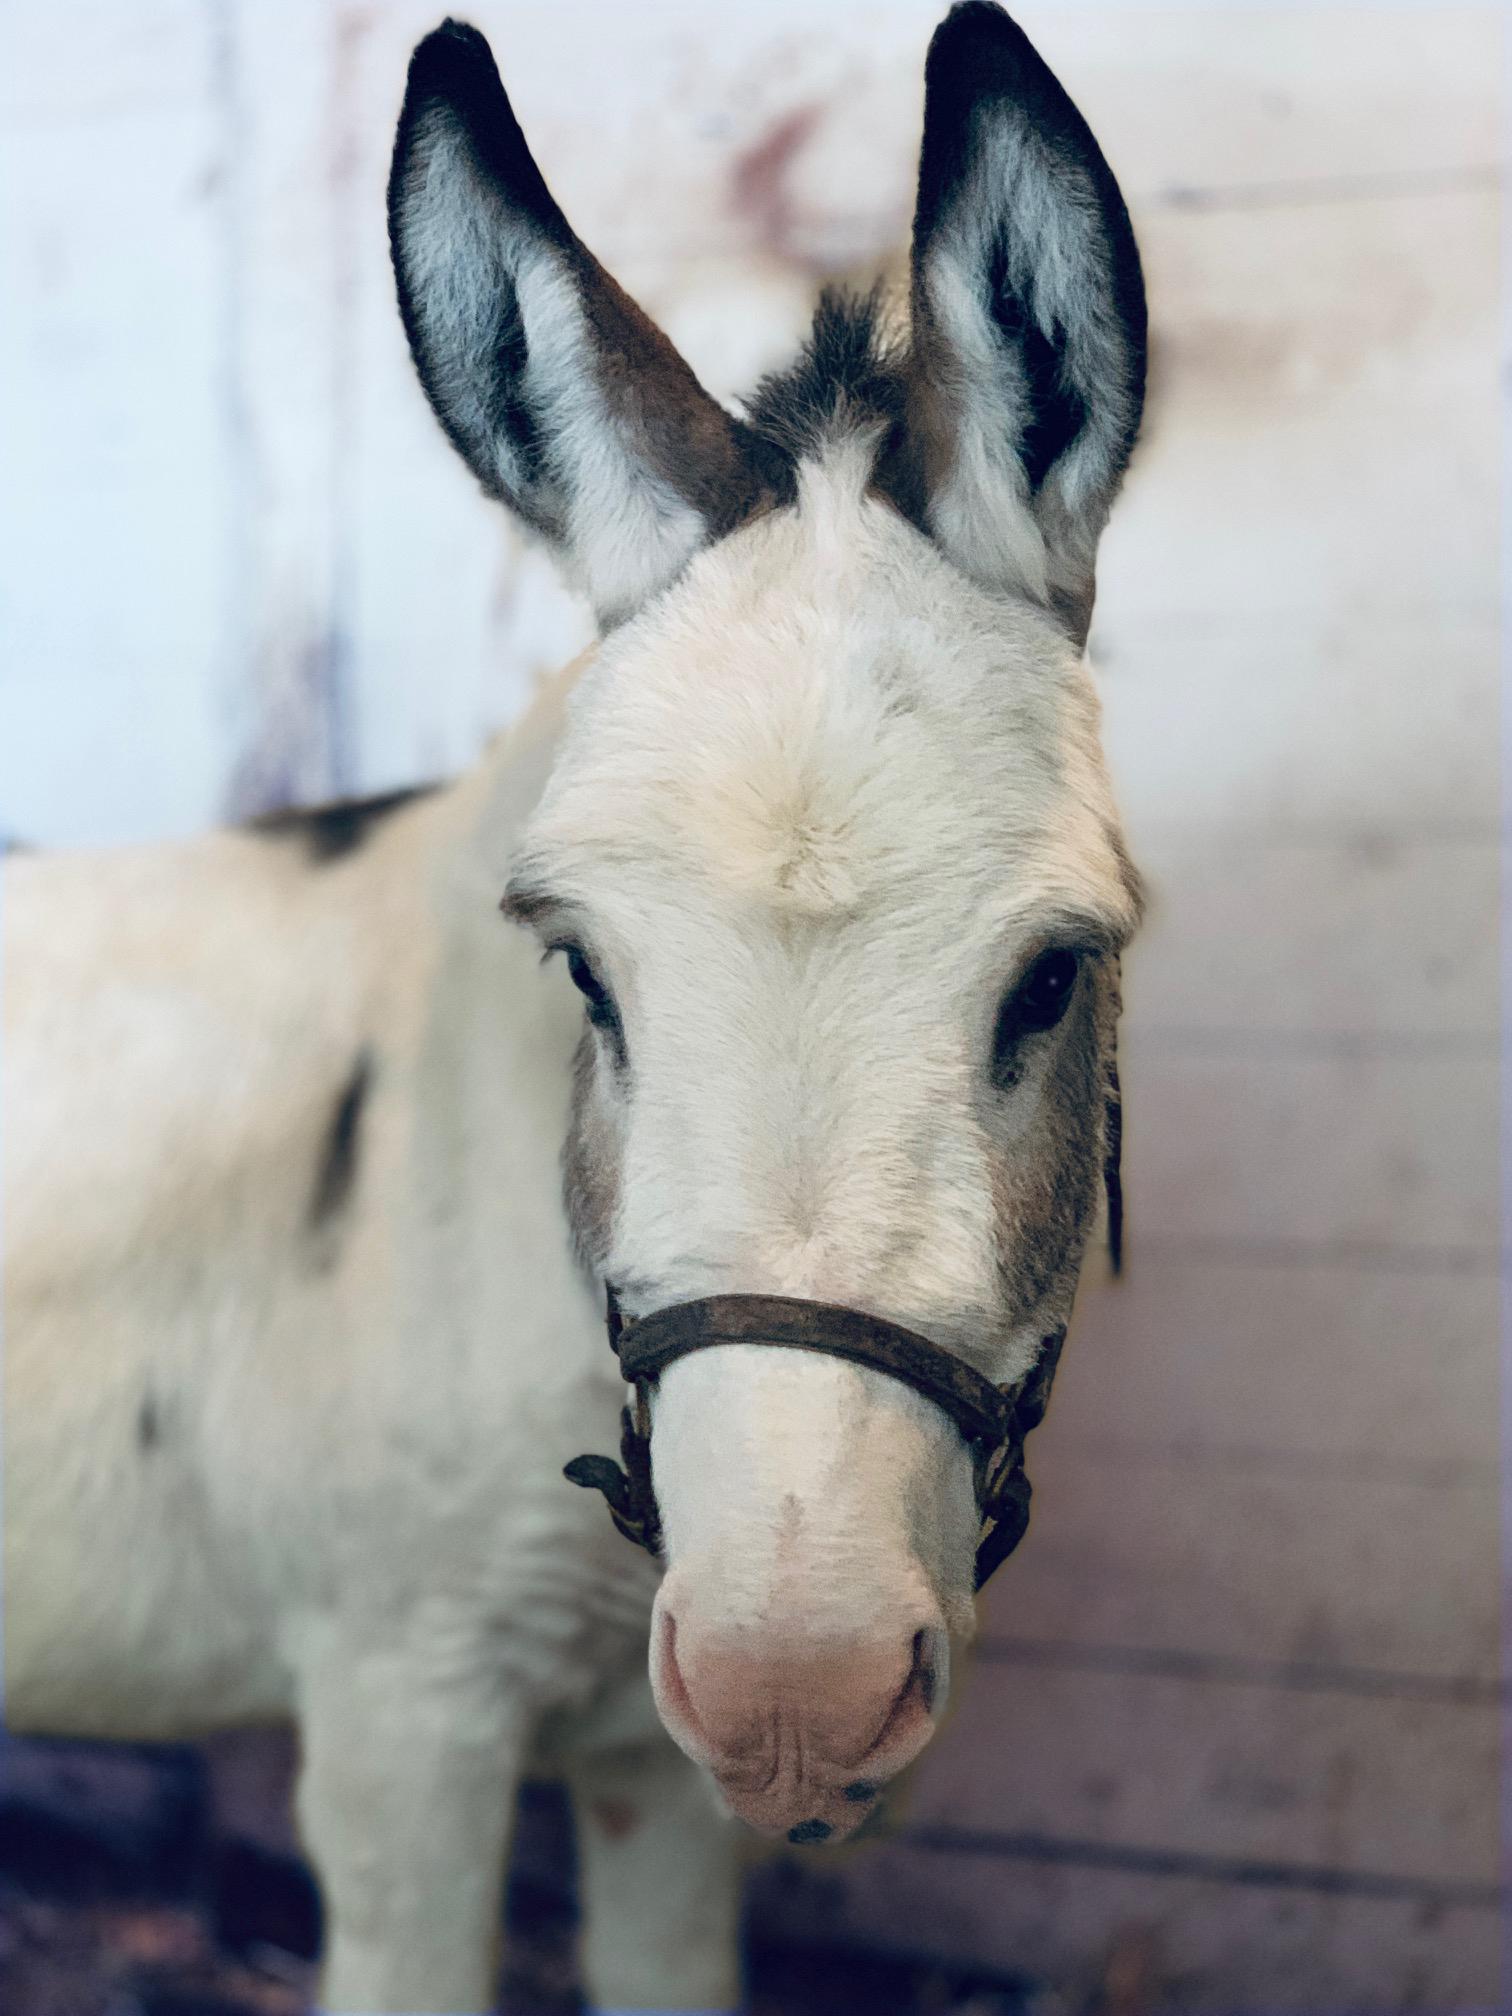 Mini donkey Sunny is all ears.